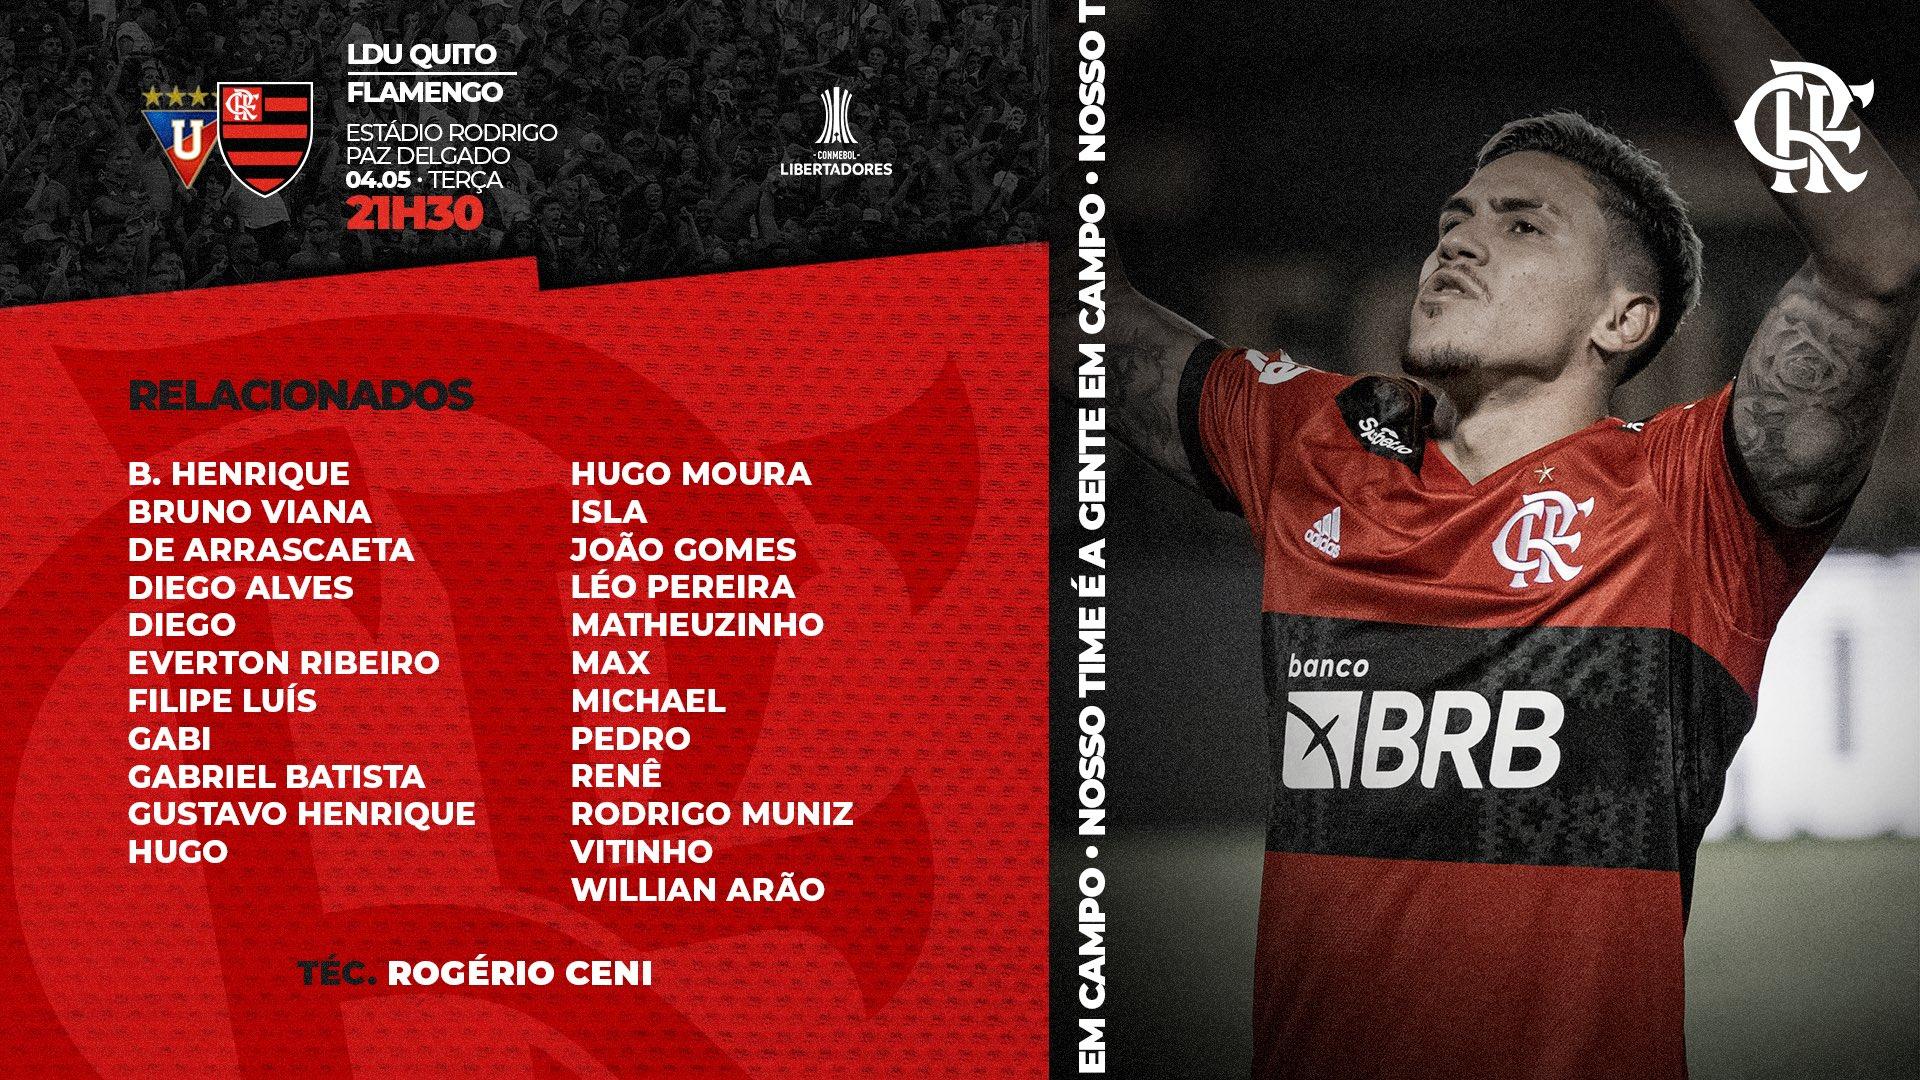 Flamengo LDU